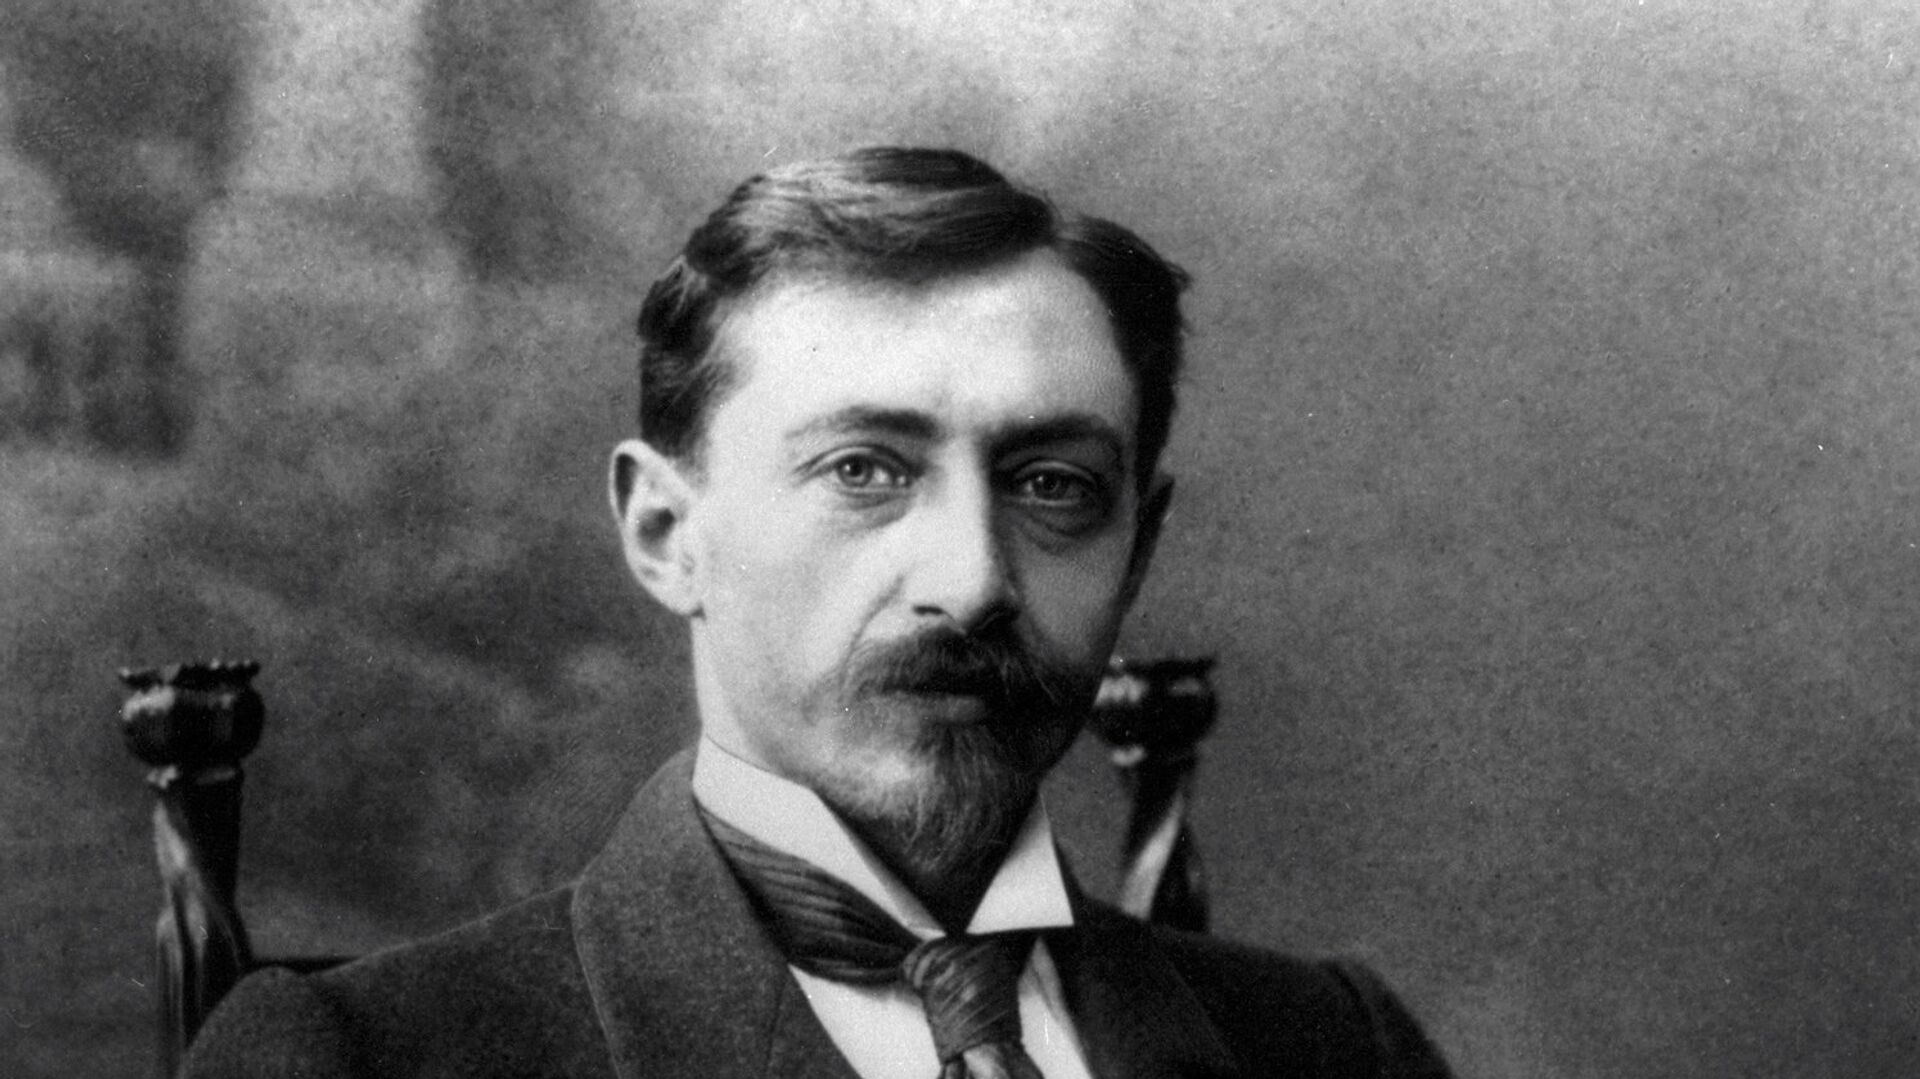 Русский писатель Иван Алексеевич Бунин - РИА Новости, 1920, 22.10.2015